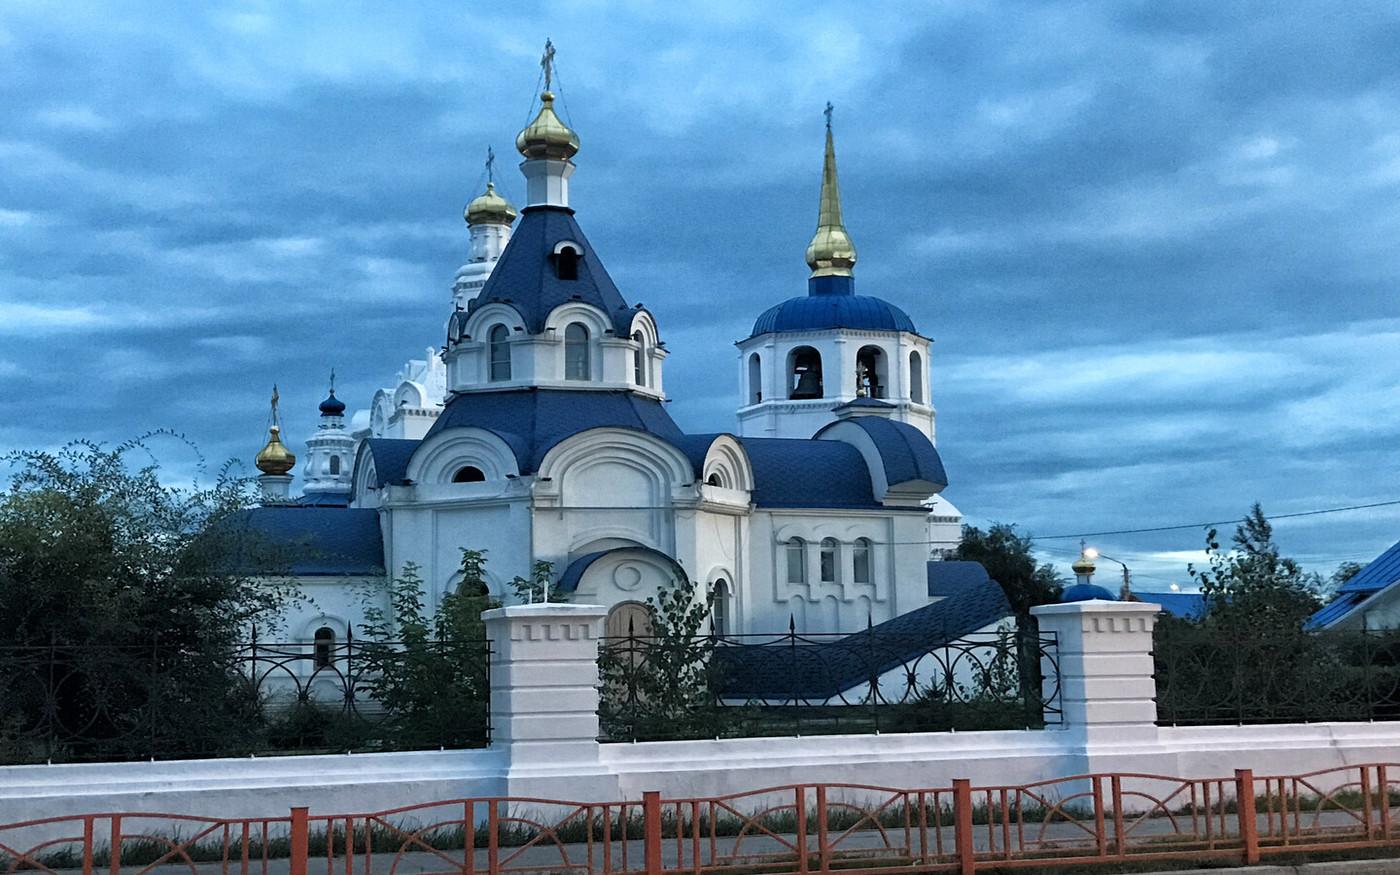 Eparchie der Russisch-Orthodoxen Kirche in Ulan Ude